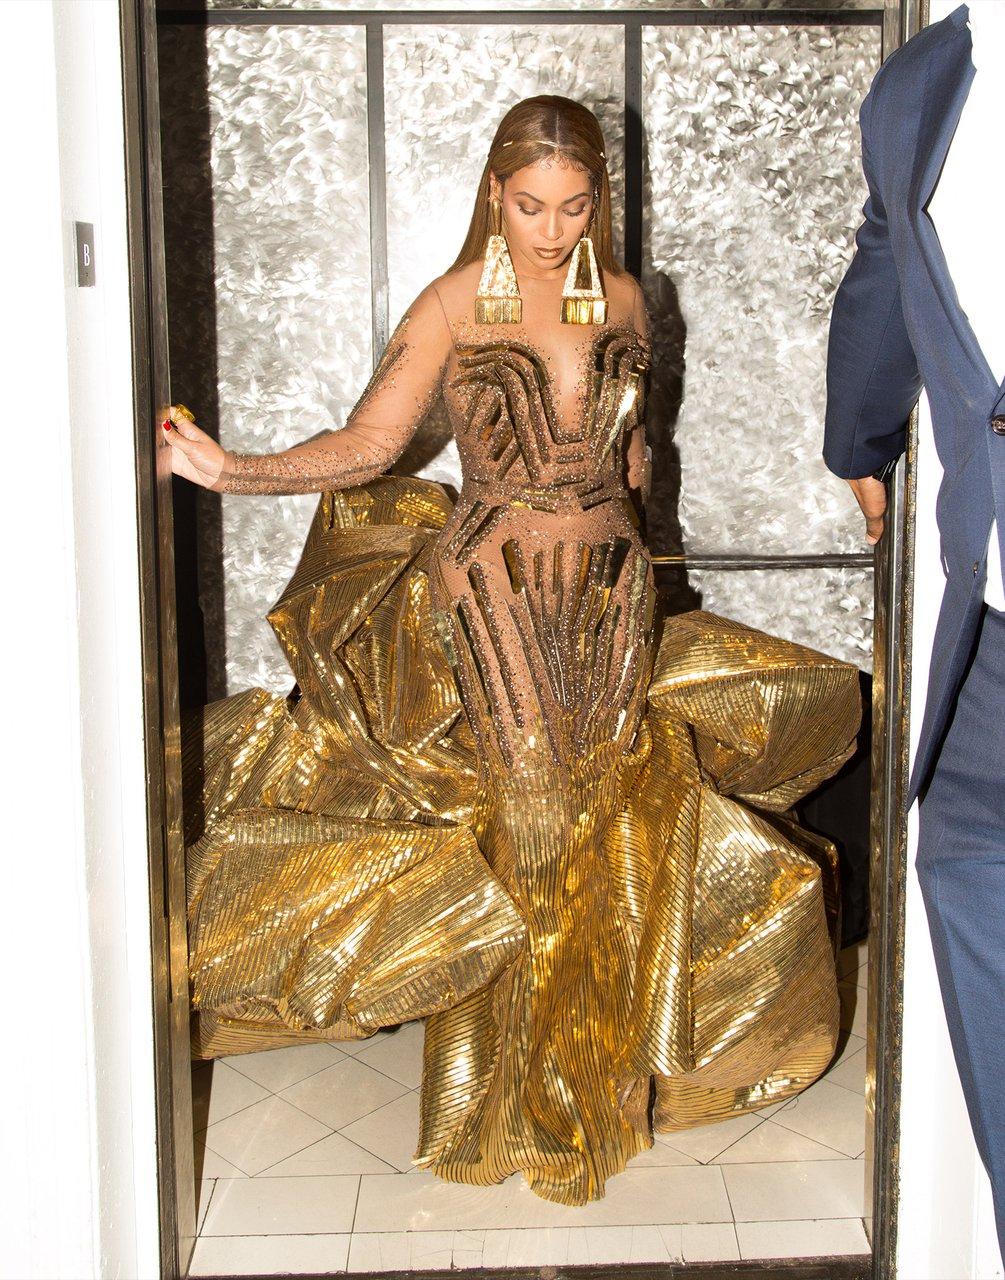 BeyoncéandBlue Ivy